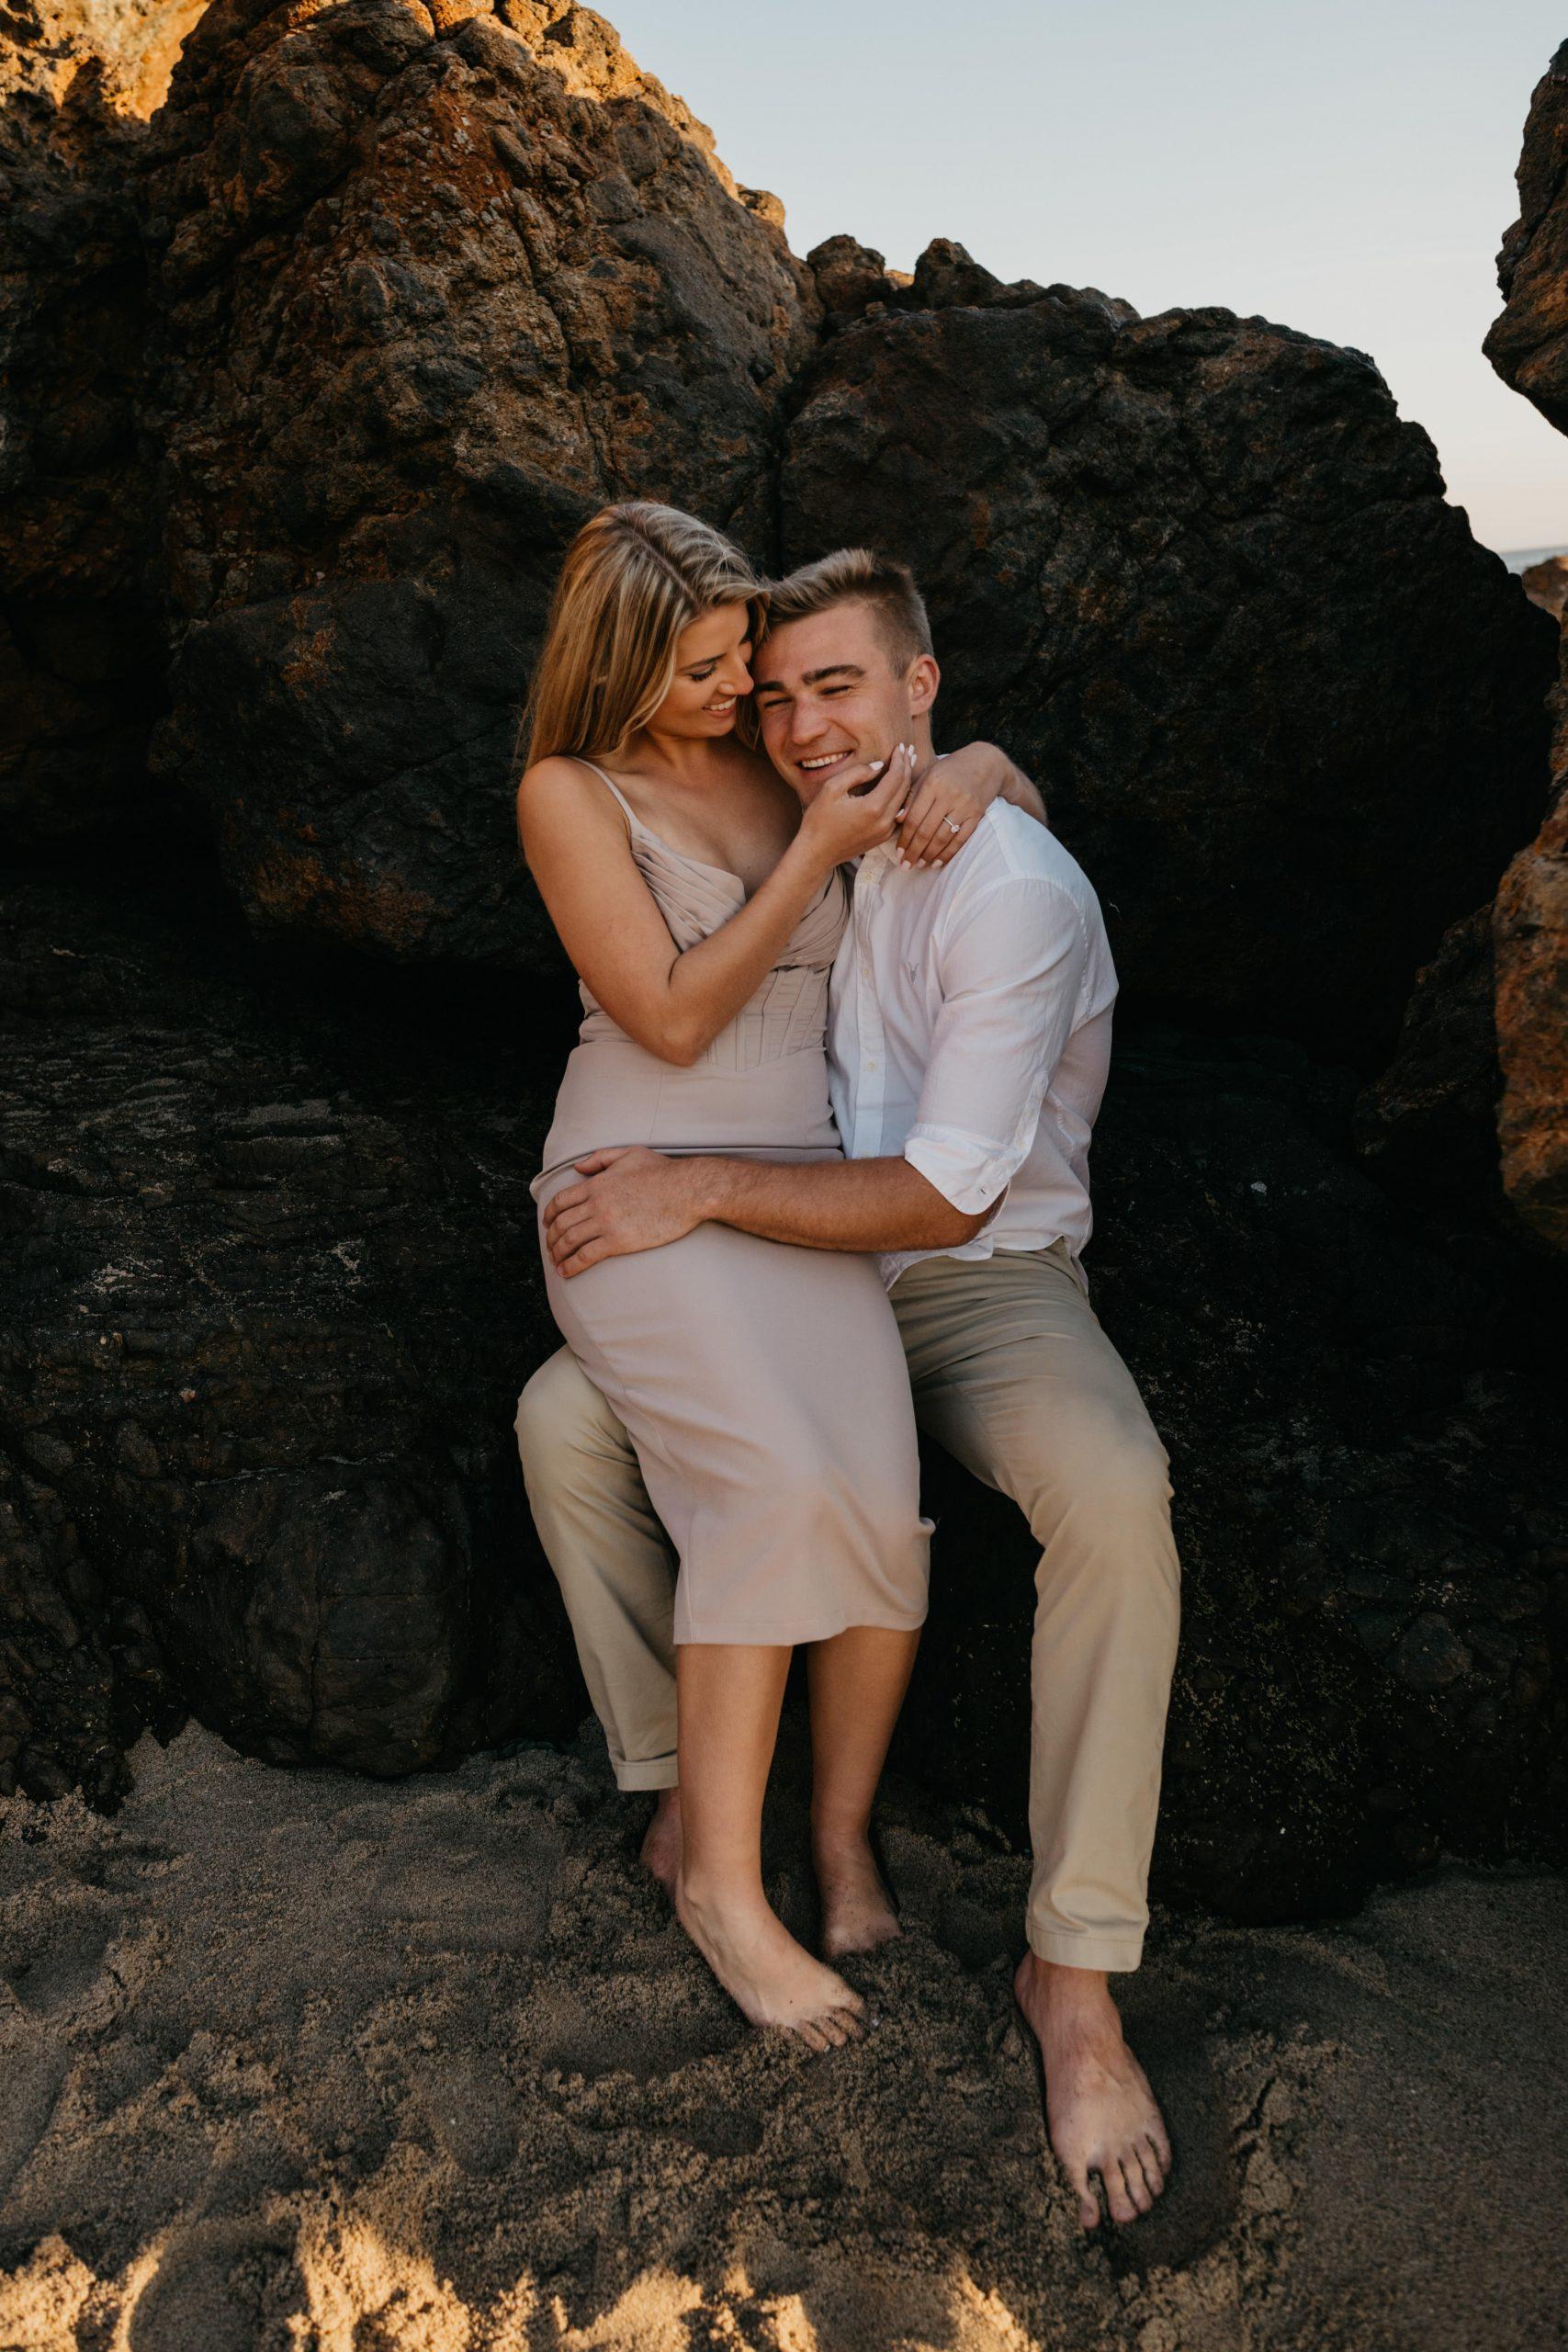 Point Dume Engagement Photoshoot, image by Fatima Elreda Photo